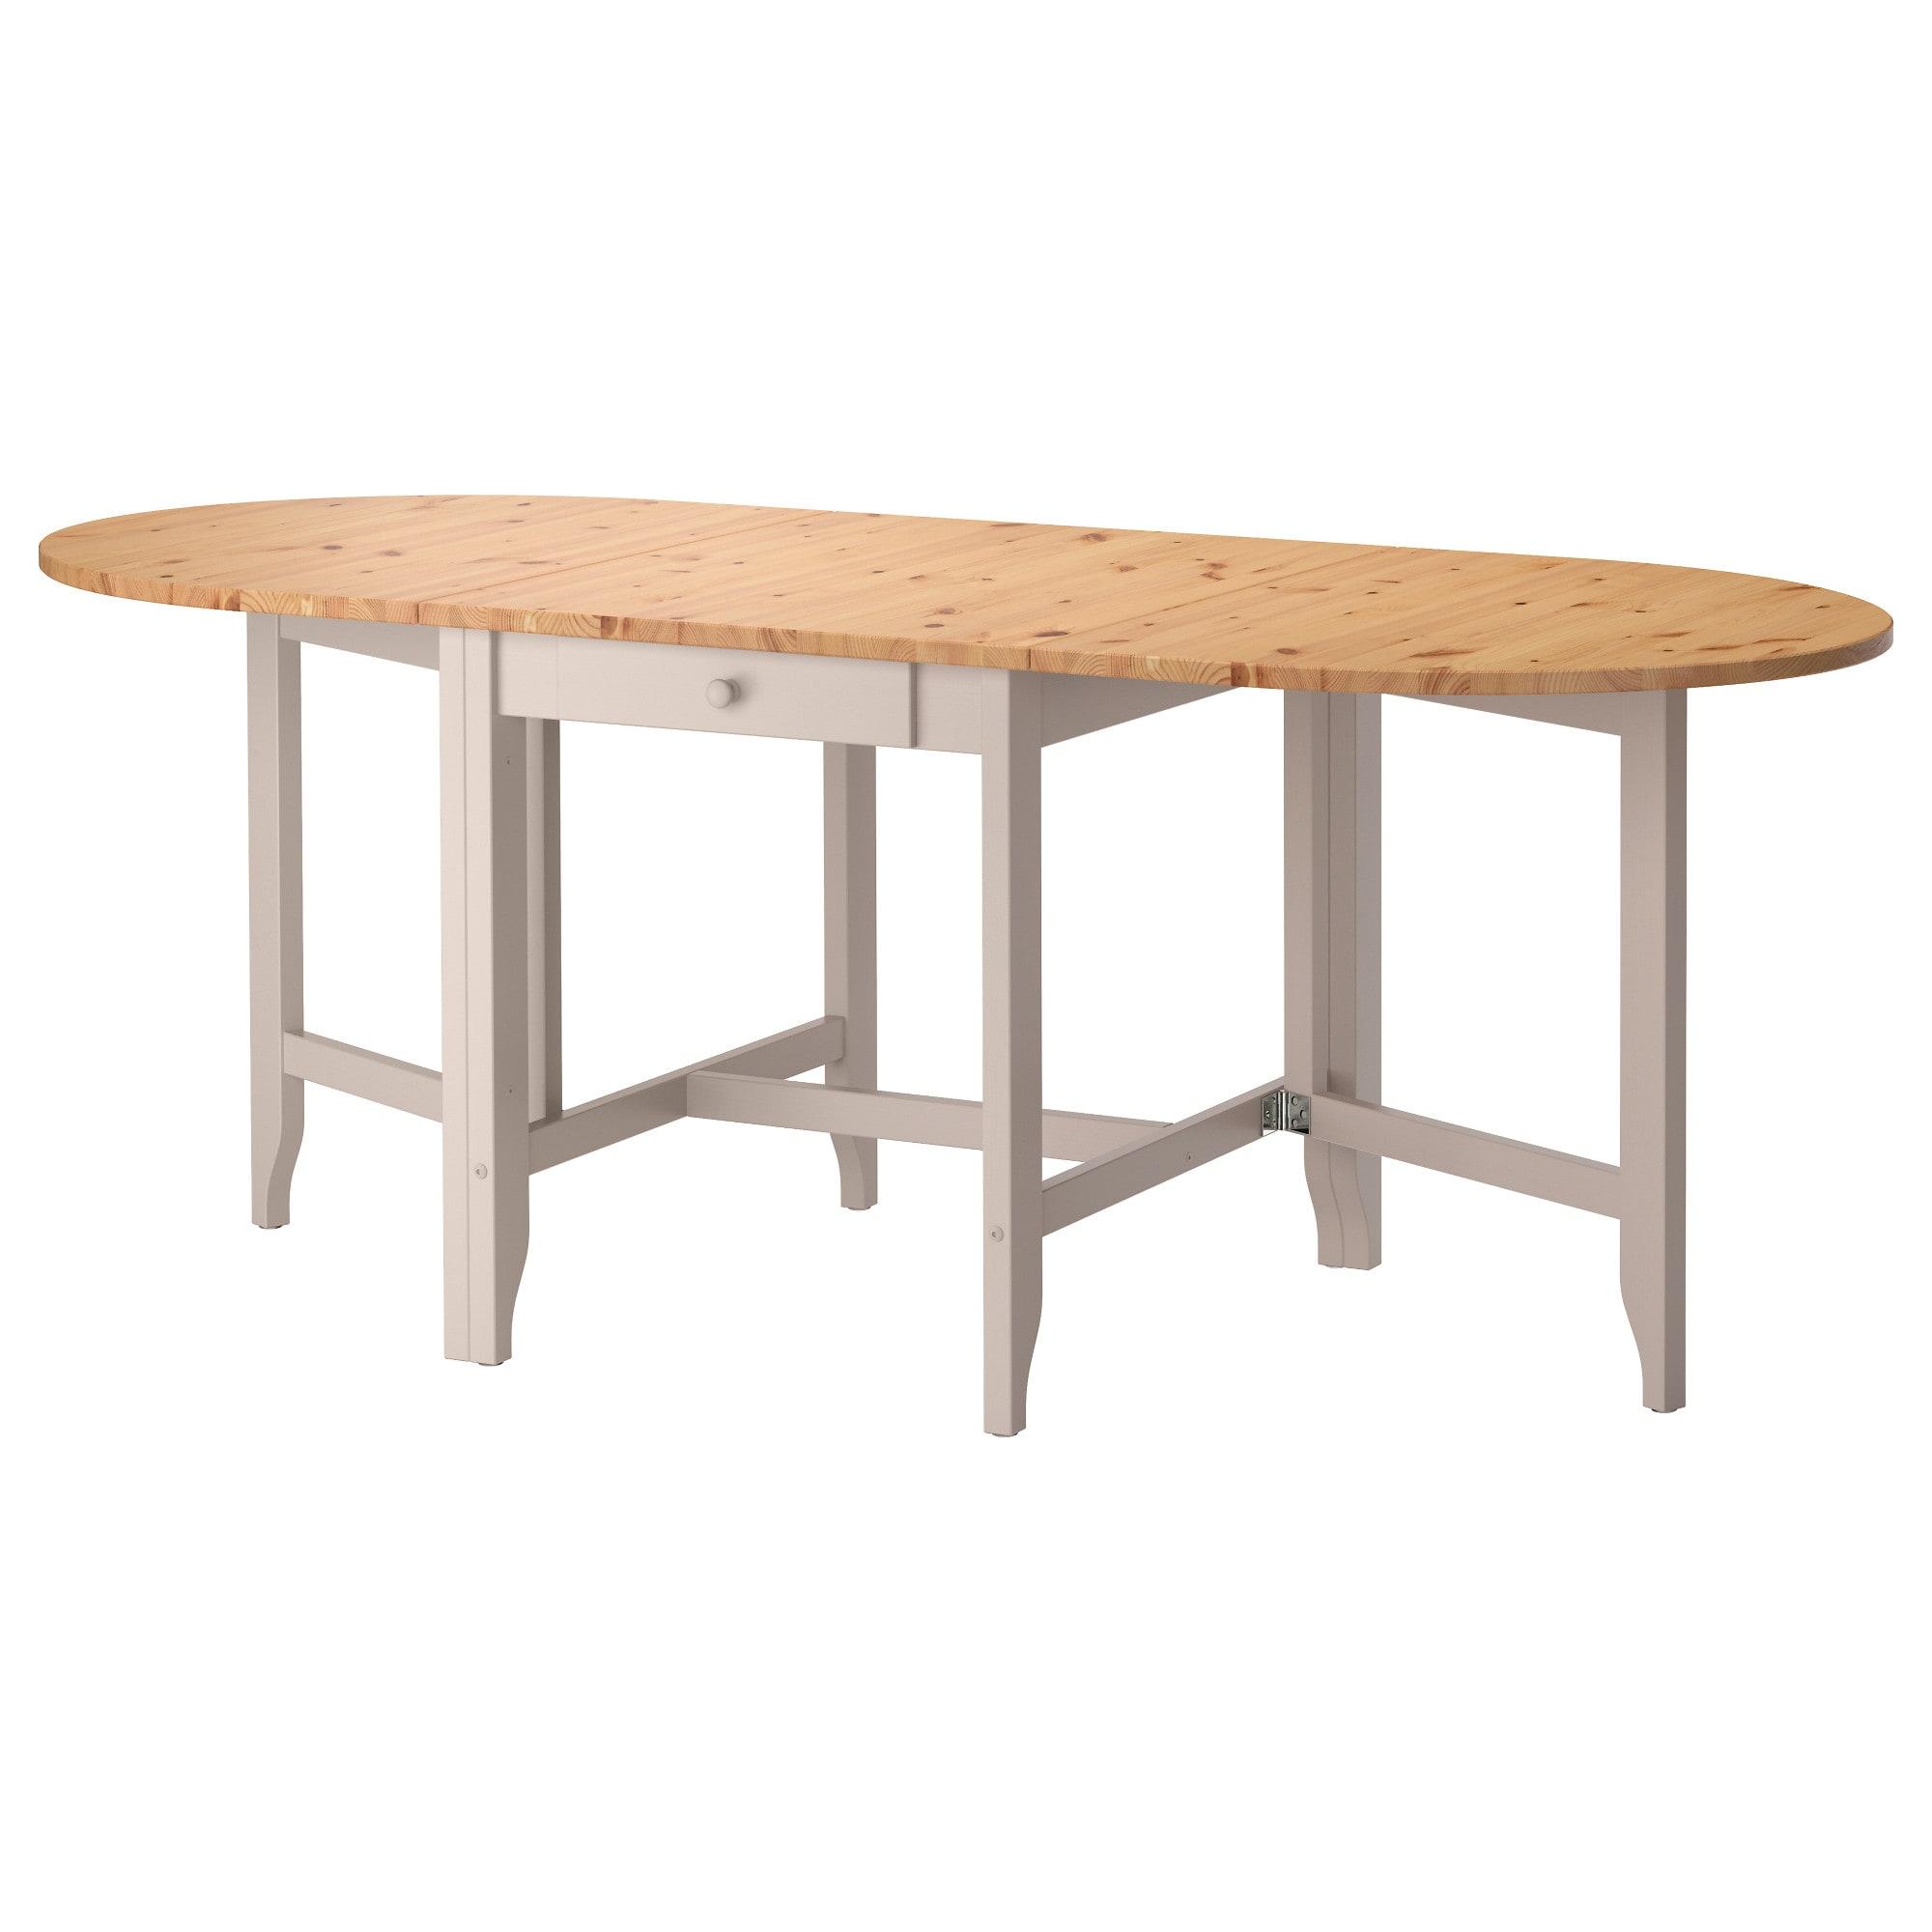 Ikea Gamleby Light Antique Stain Gray Gateleg Table